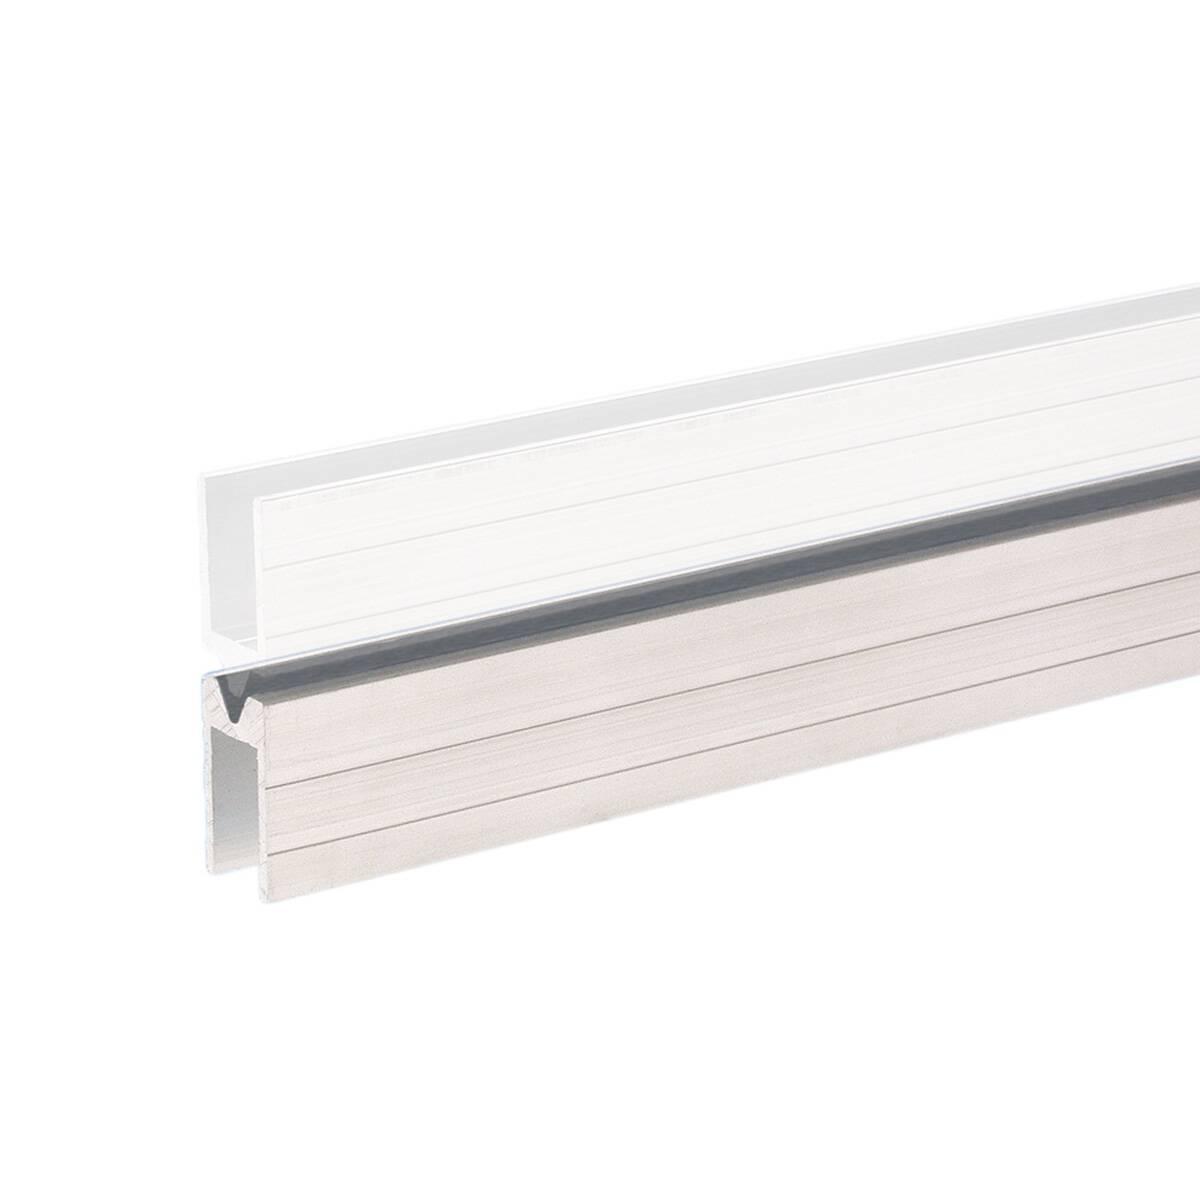 1m Adam Hall 6119 Aluminium Casemaker Profil 30 mm für 10mm Material Case Profil